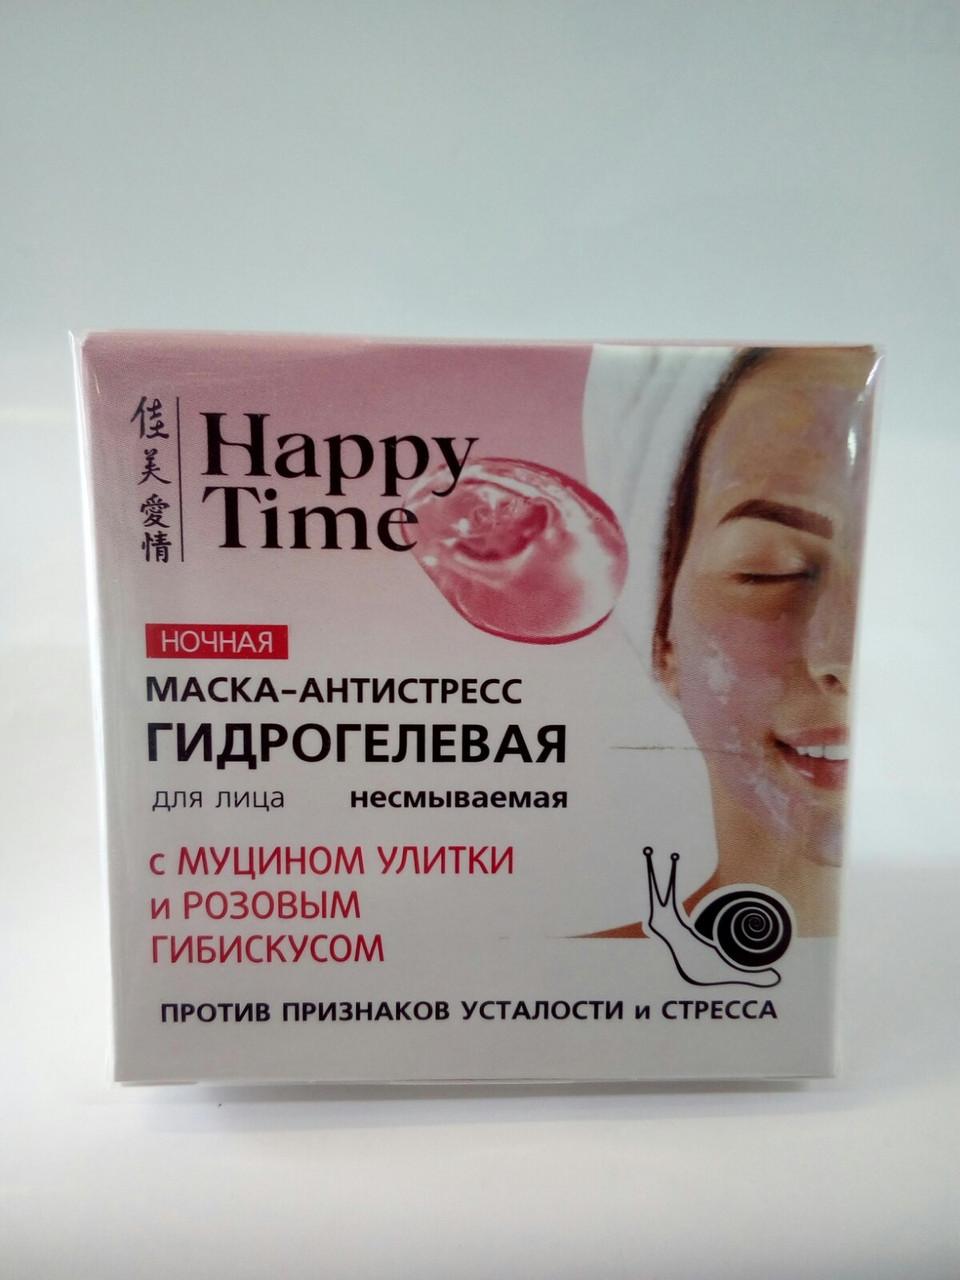 Маска-антистресс гидрогелевая с муцином улитки и розовым гибискусом для лица Витэкс Vitamin Happy Time